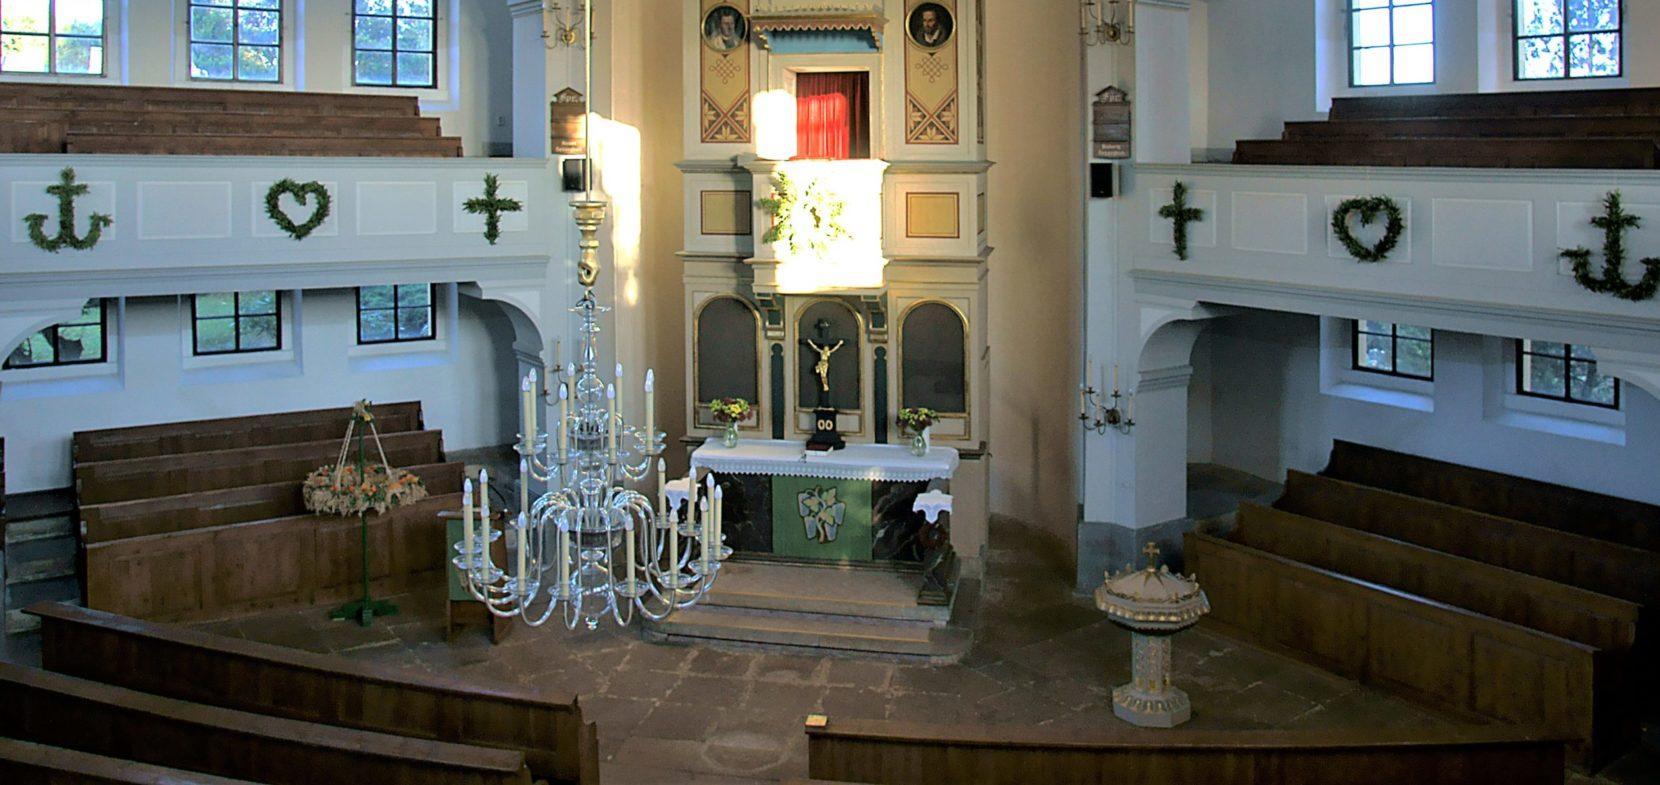 Ev.-Luth. Kirchgemeinde Lichtenberg im Kirchspiel Maria und Martha Pulsnitz